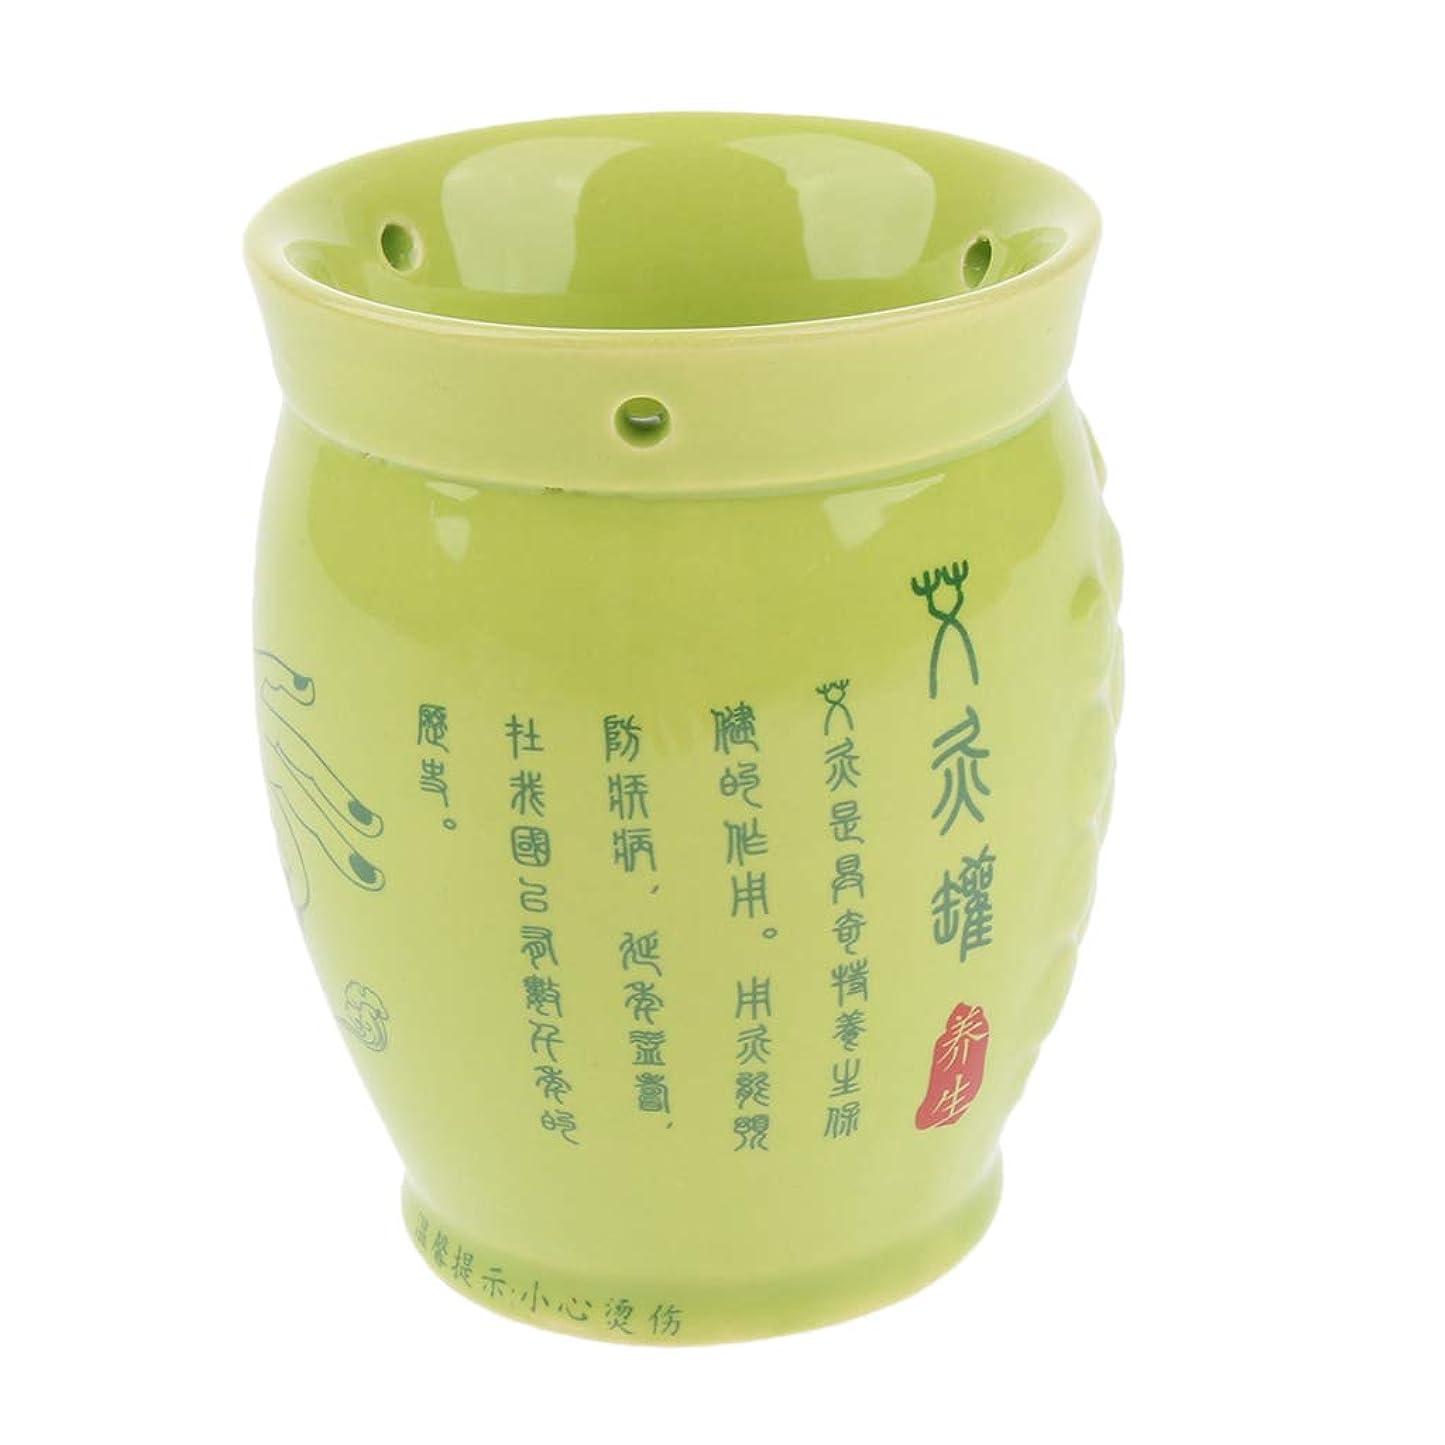 かけがえのない登る競争FLAMEER マッサージカッピングカップ 缶 ポット お灸 中国式 セラミック 疲労軽減 男女兼用